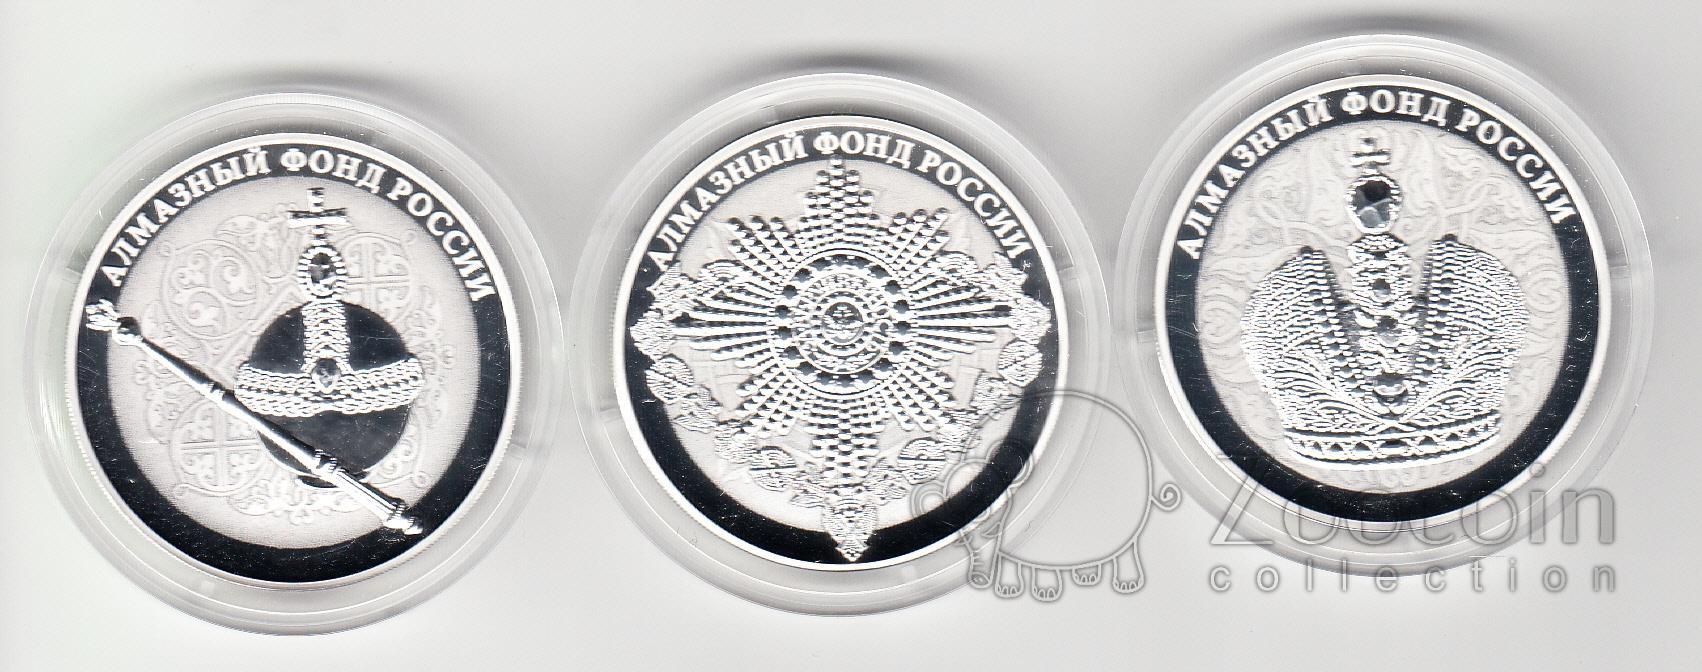 Монеты алмазный фонд россии купить бониха кто это